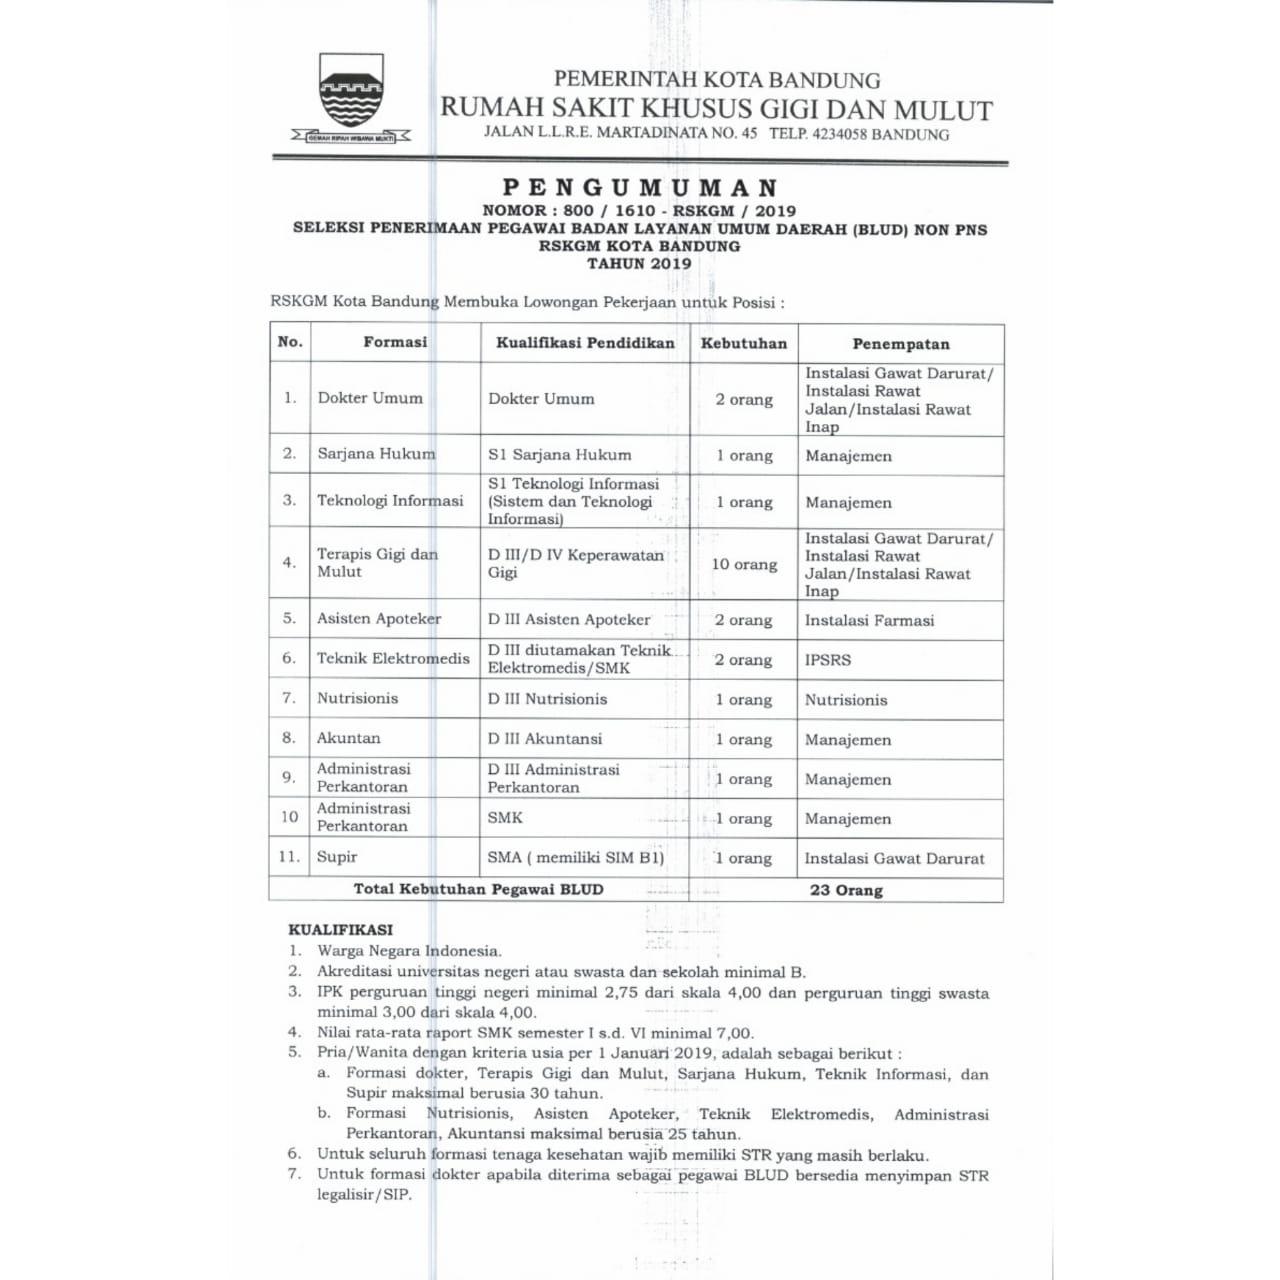 Seleksi Penerimaan Pegawai Blud Non Pns Rskgm Kota Bandung Tahun 2019 Rekrutmen Dan Lowongan Kerja Bulan Februari 2021